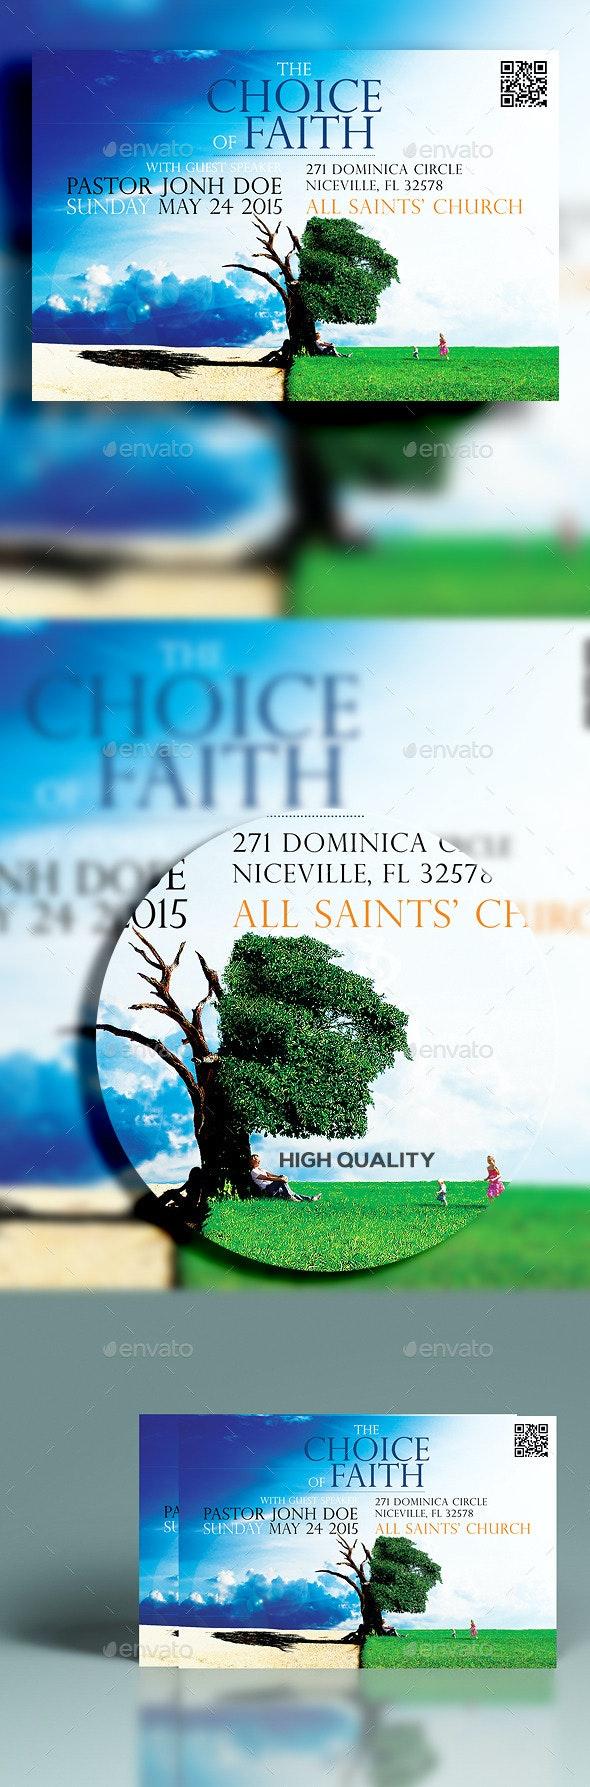 The Choice Of Faith - Church Flyers